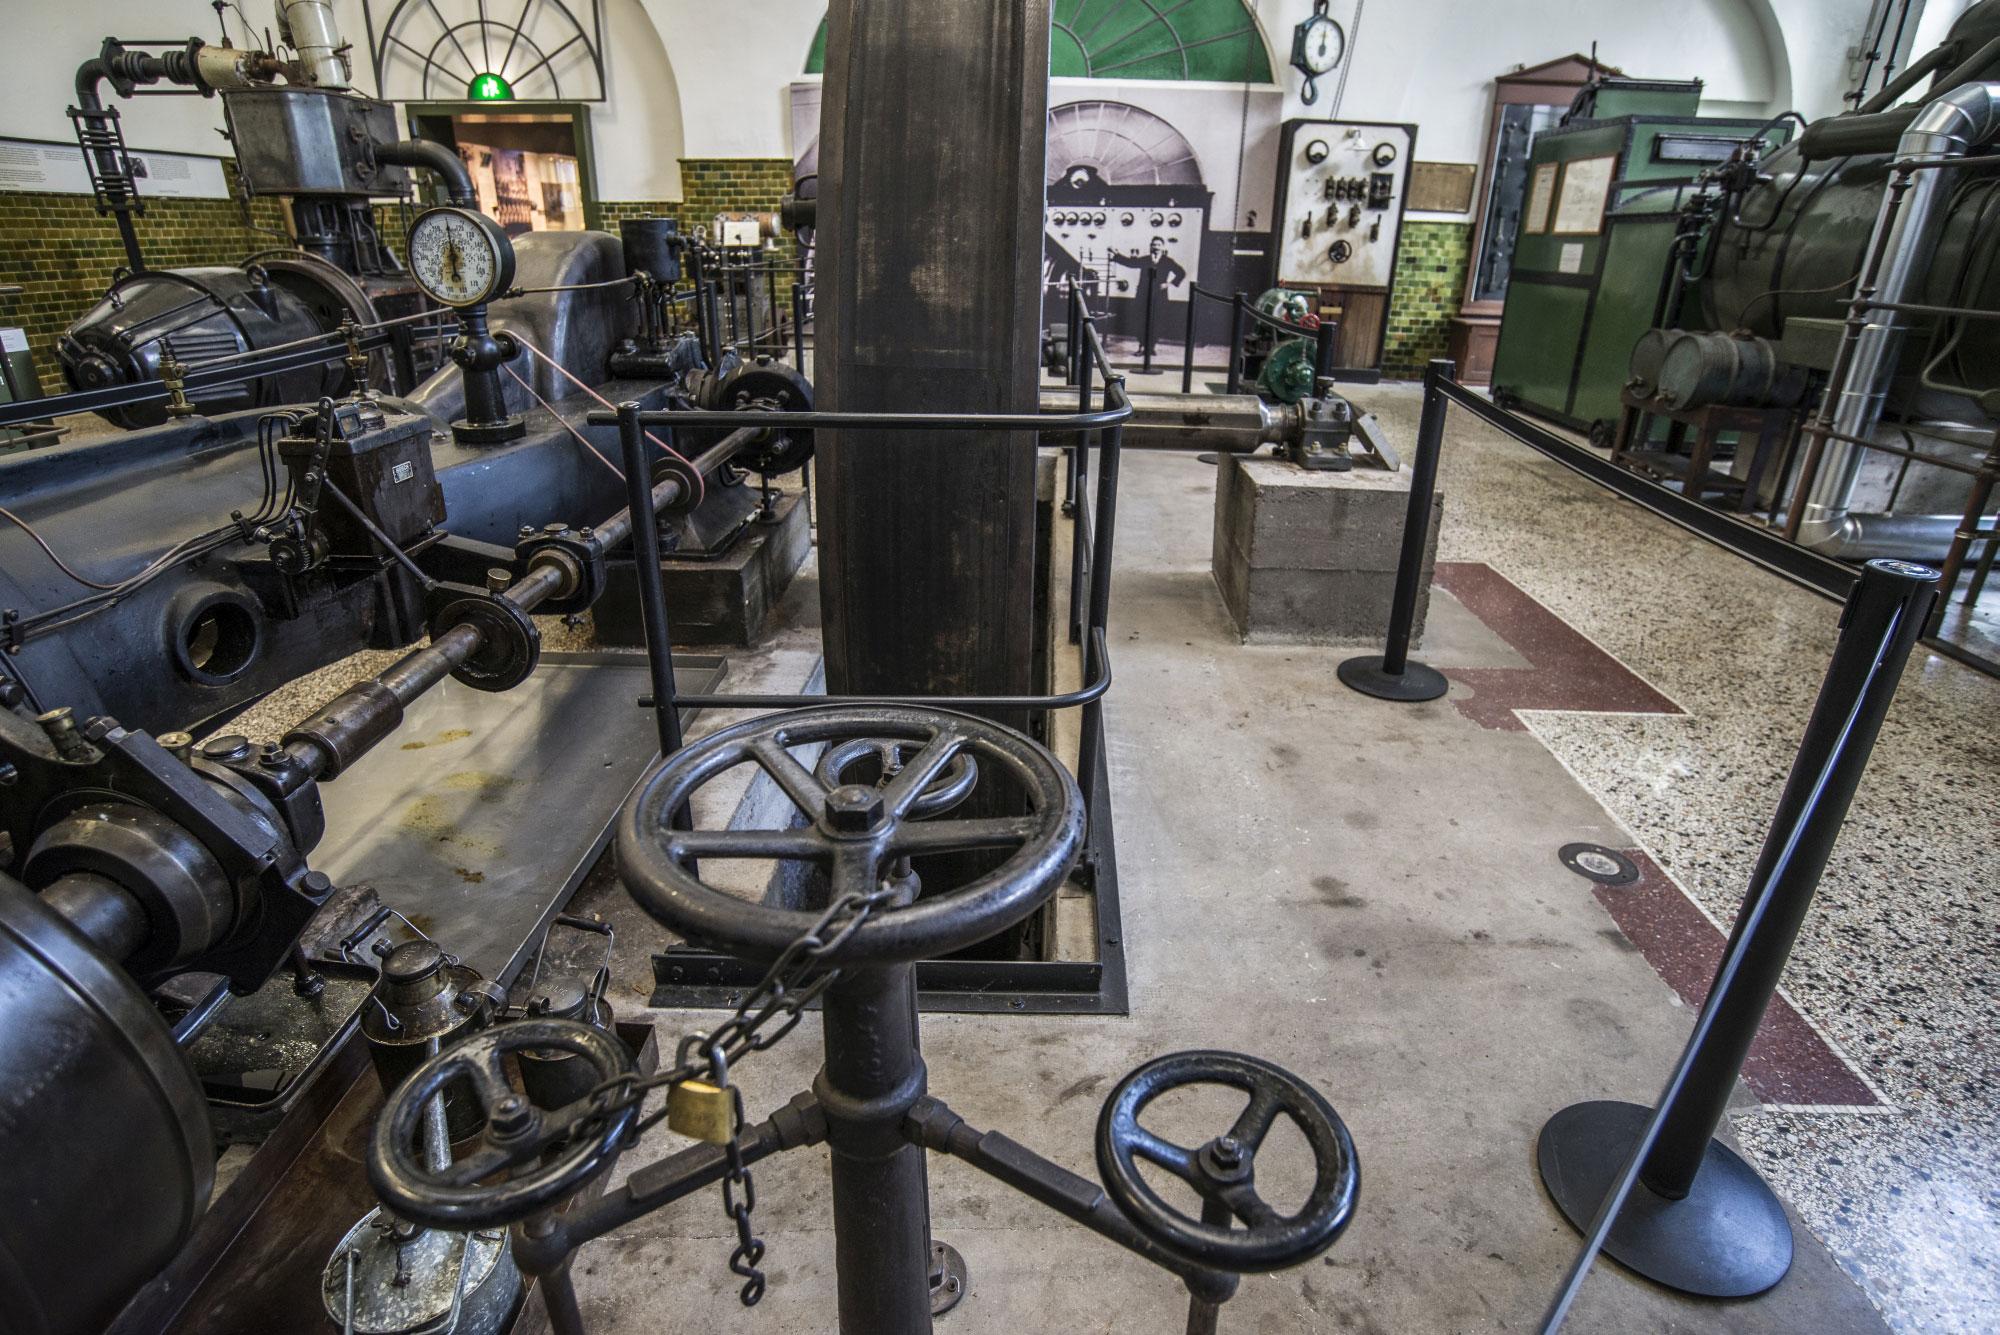 Die Maschinen im Museum Großauheim liefern einzigartige und ungewöhnliche Fotomotive. (Foto: Detlef Sundermann)